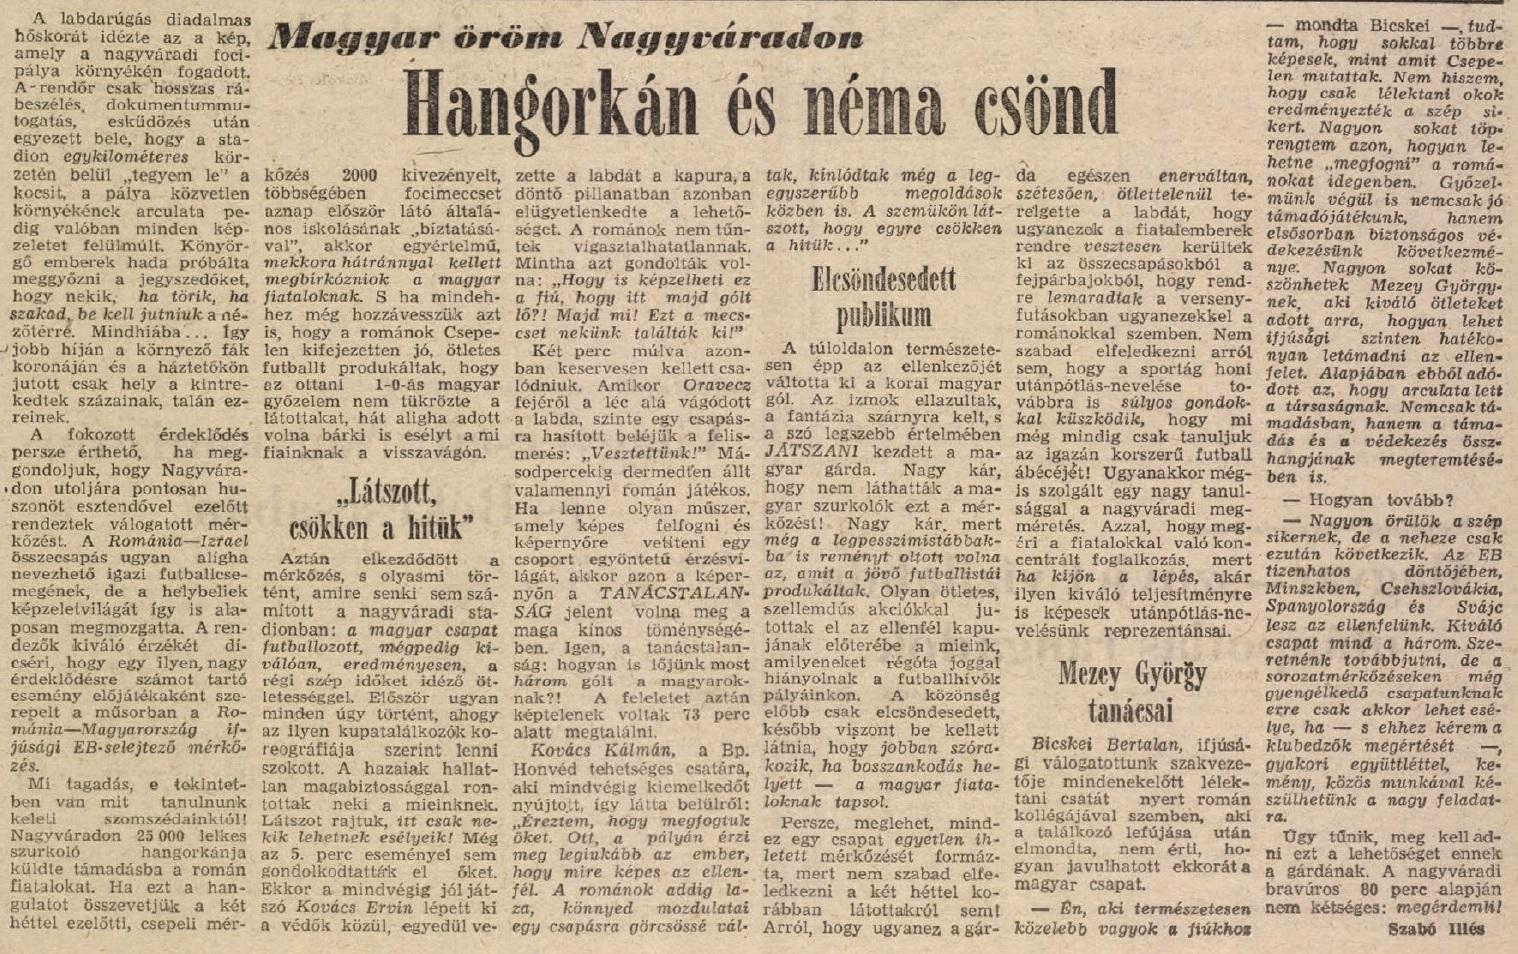 idokapszula_nb_i_1983_84_22_fordulo_romania_magyarorszag_ifjusagi_eb-selejtezo_2.jpg